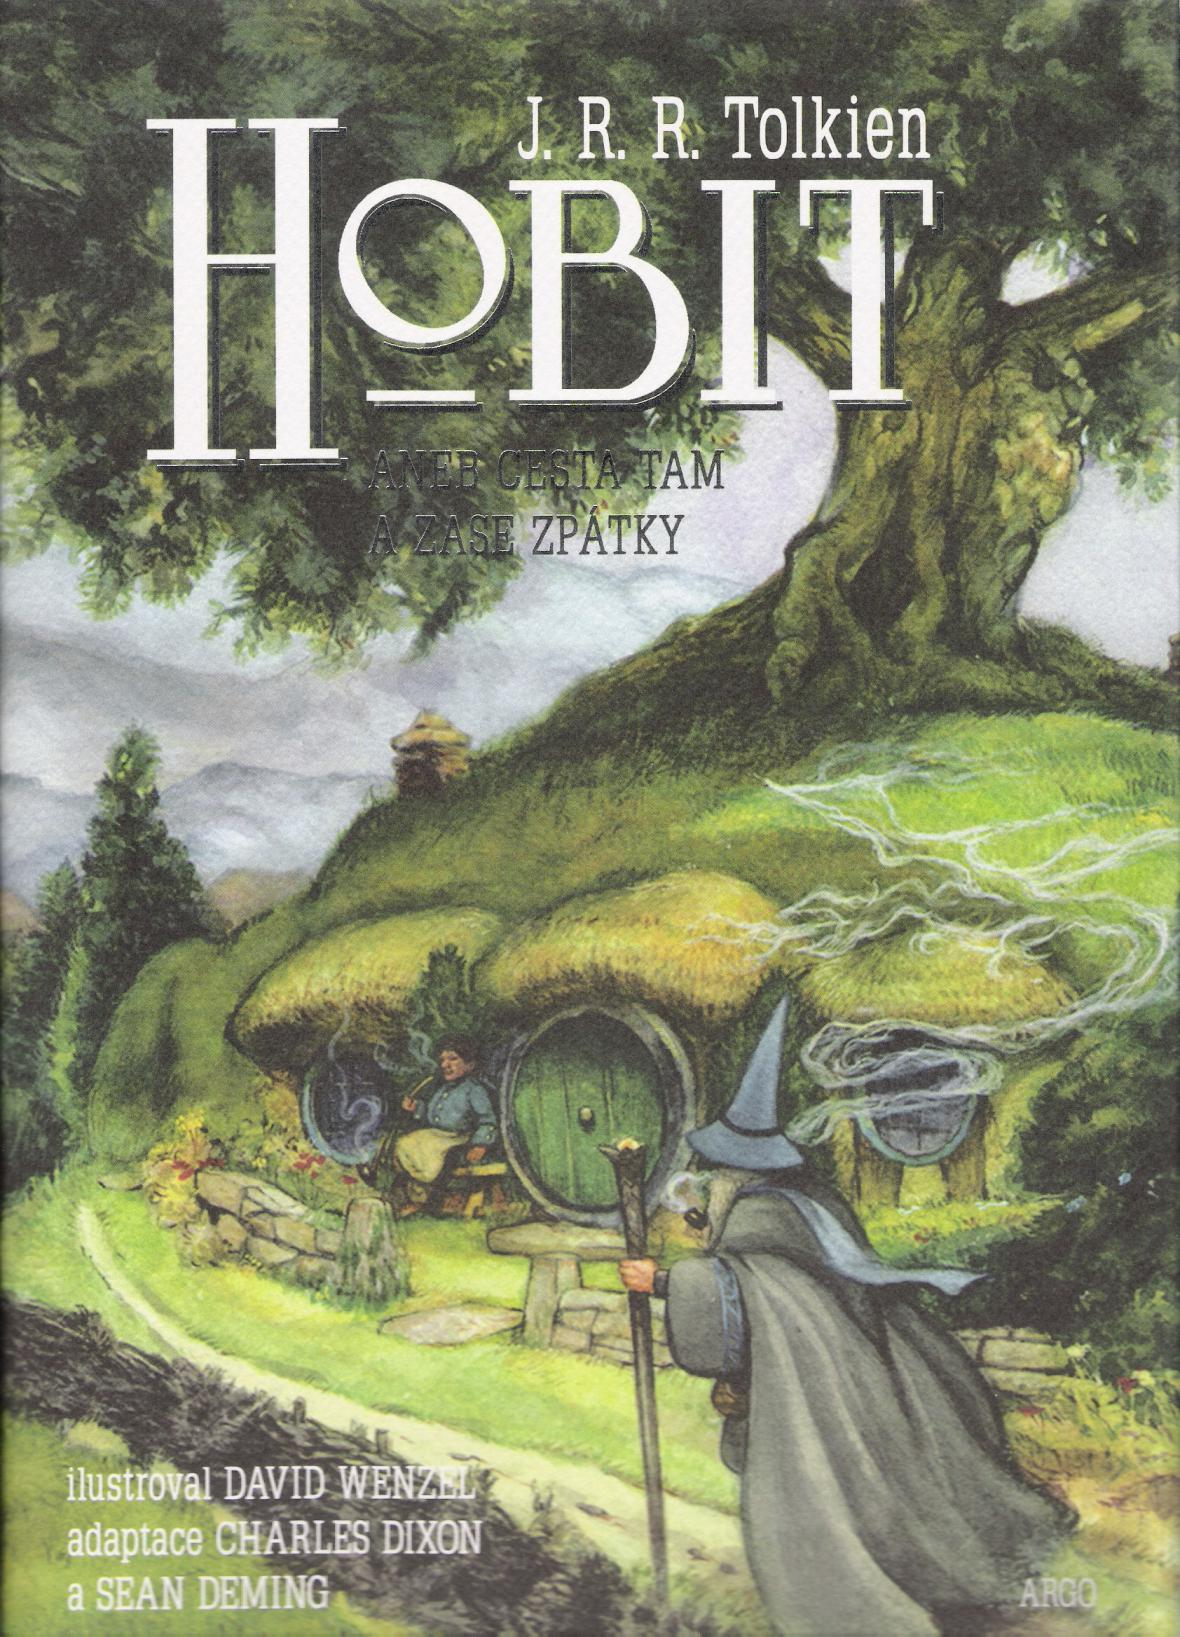 Hobit - kniha J. R. R. Tolkiena